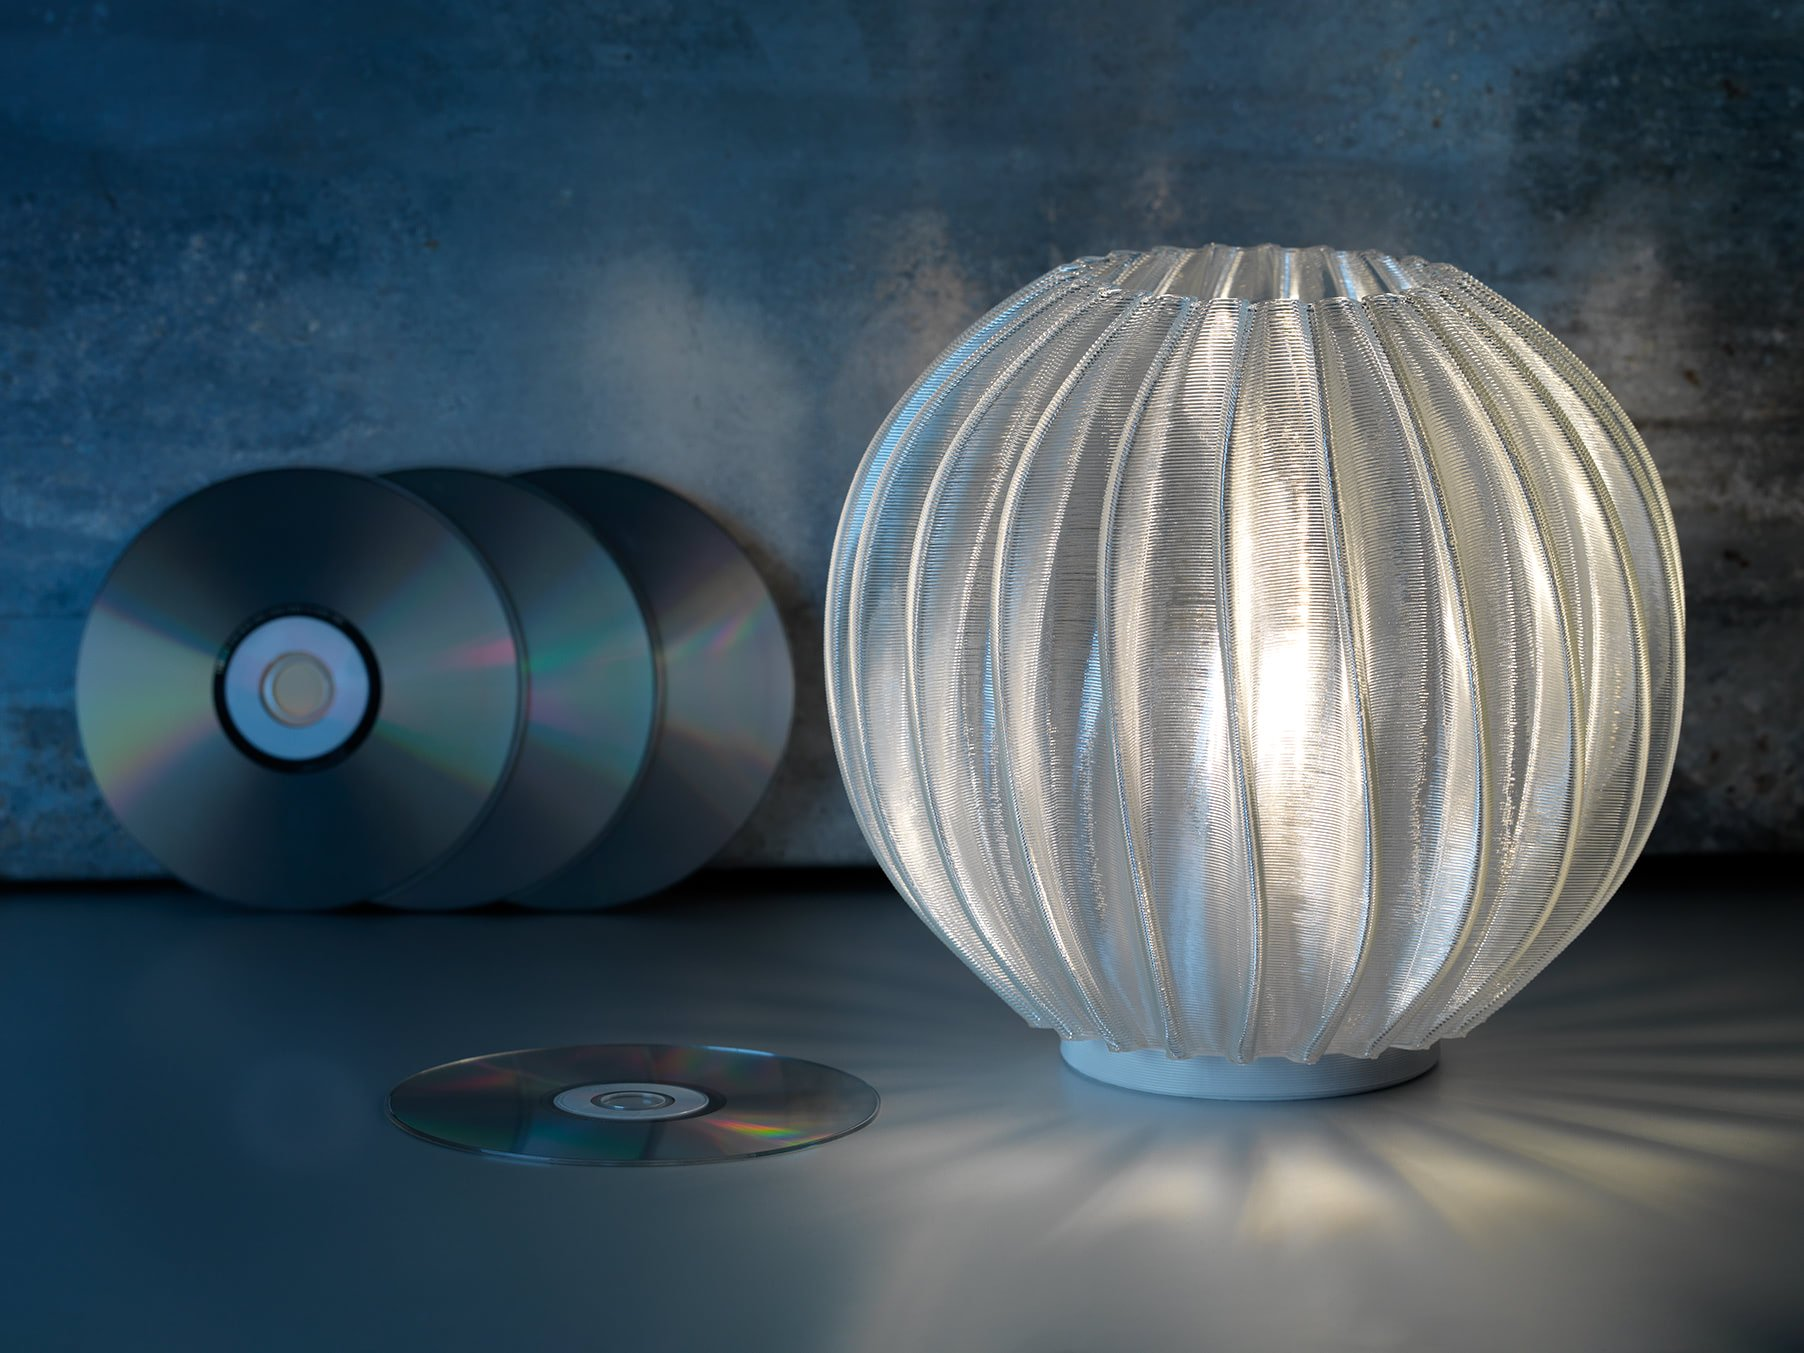 シグニファイがテーラーメイドのライトシェード3Dプリンティングサービスを開始